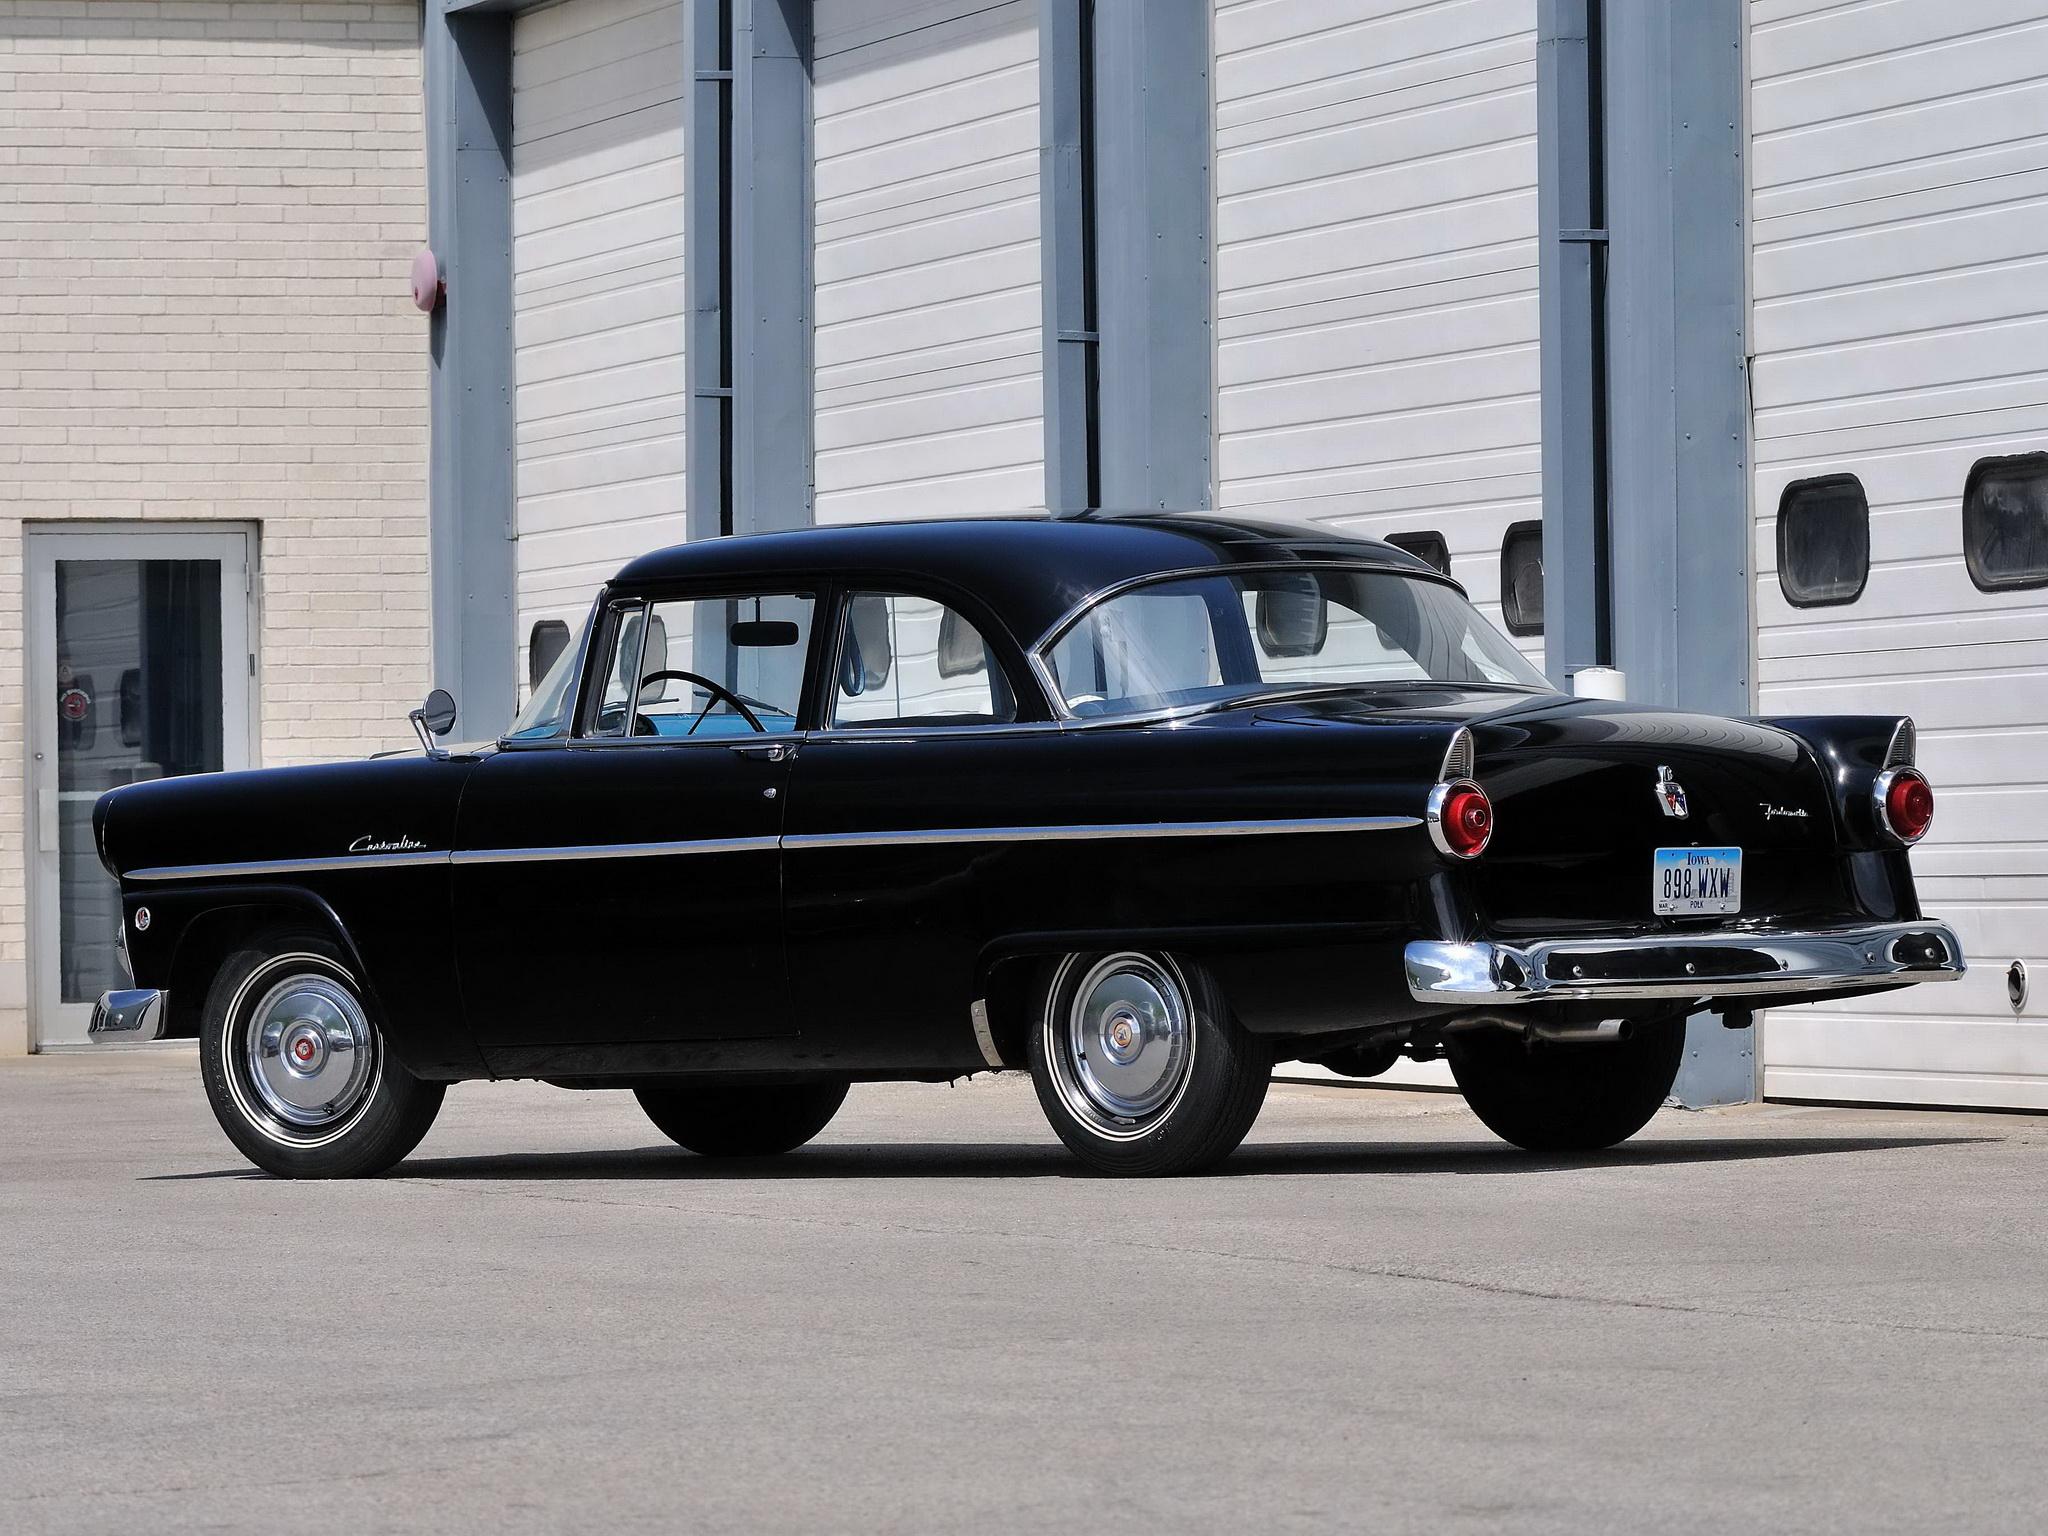 1955 ford customline 2 door sedan 70b retro d wallpaper for 1955 ford customline 2 door